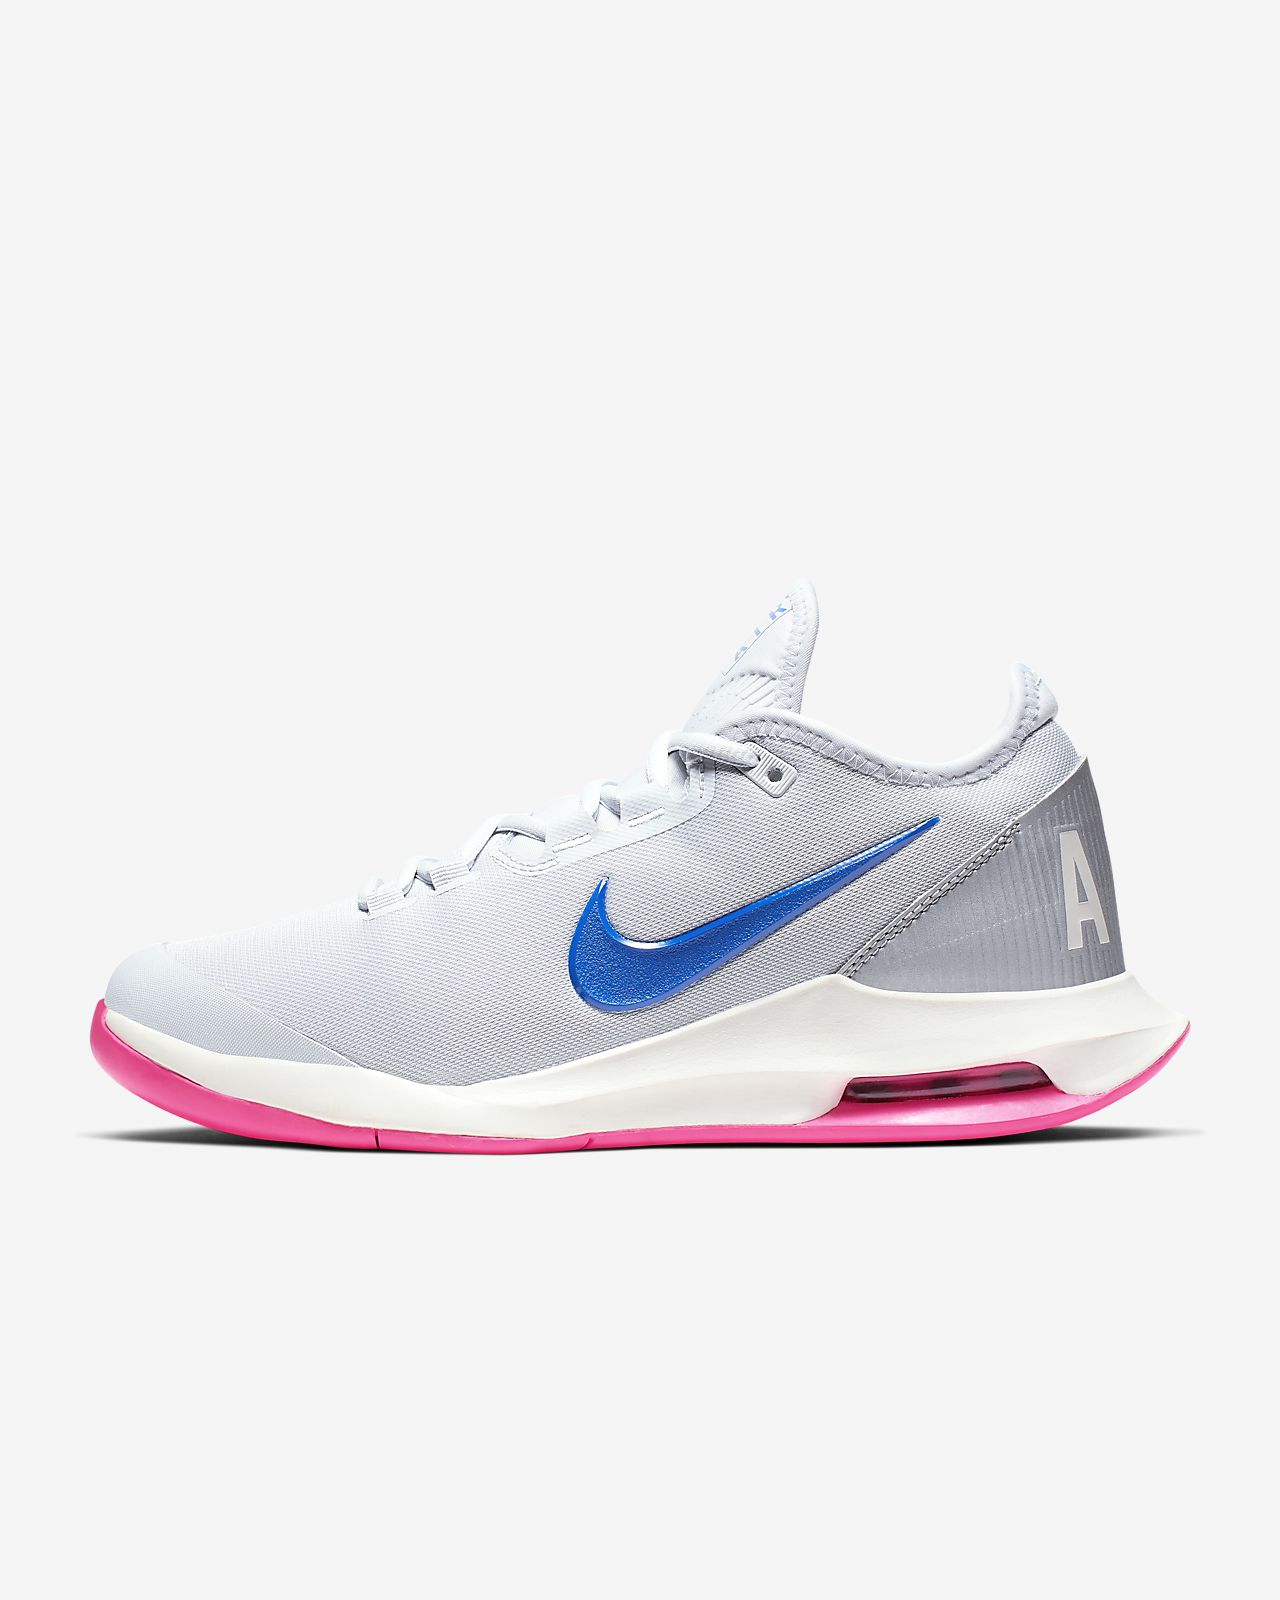 NikeCourt Air Max Wildcard Damen Tennisschuh